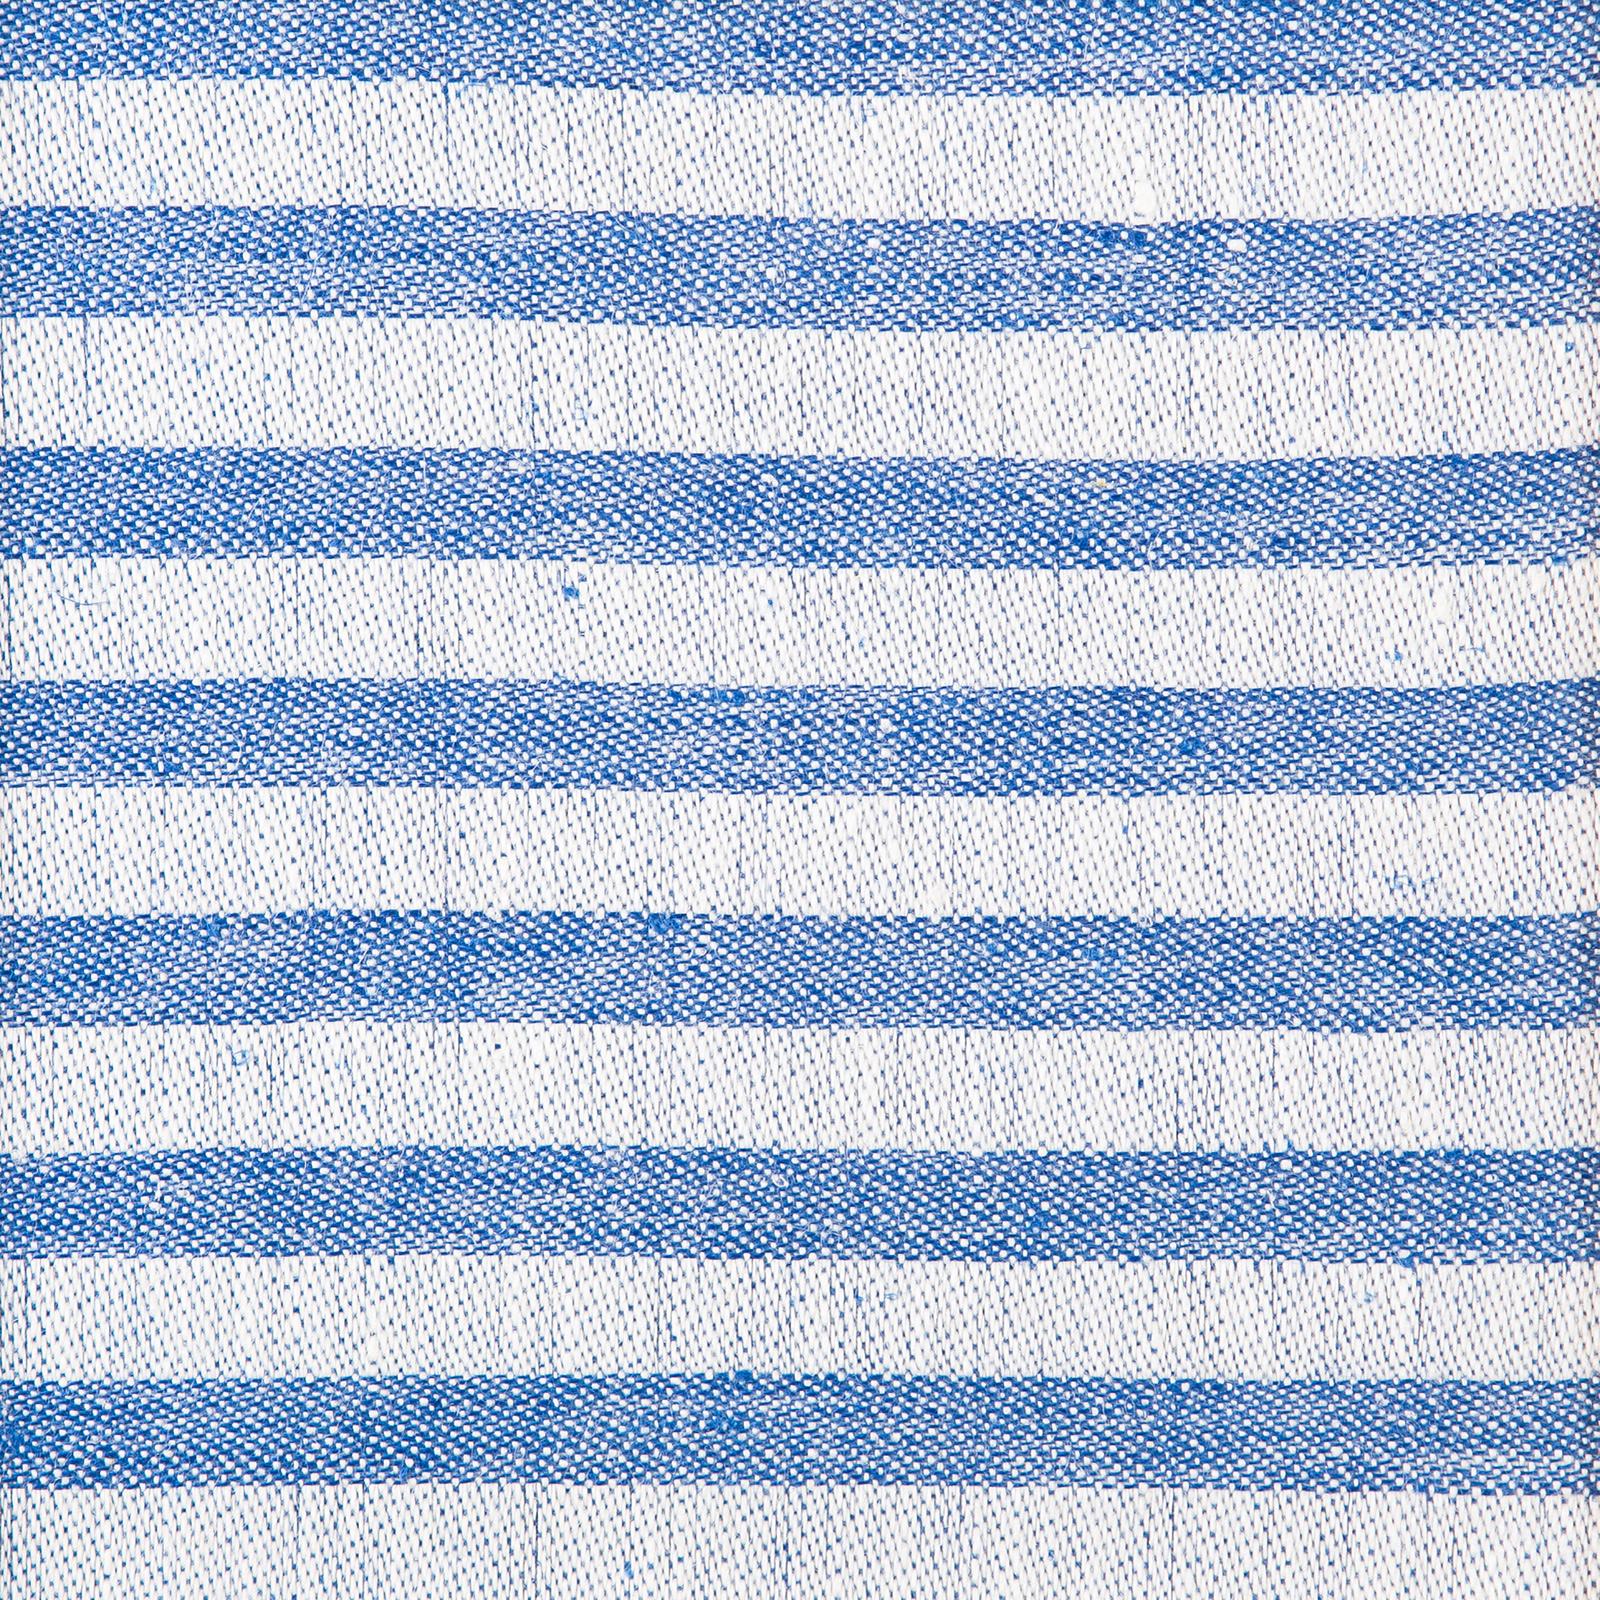 Mönster, handduken Marie färg blå